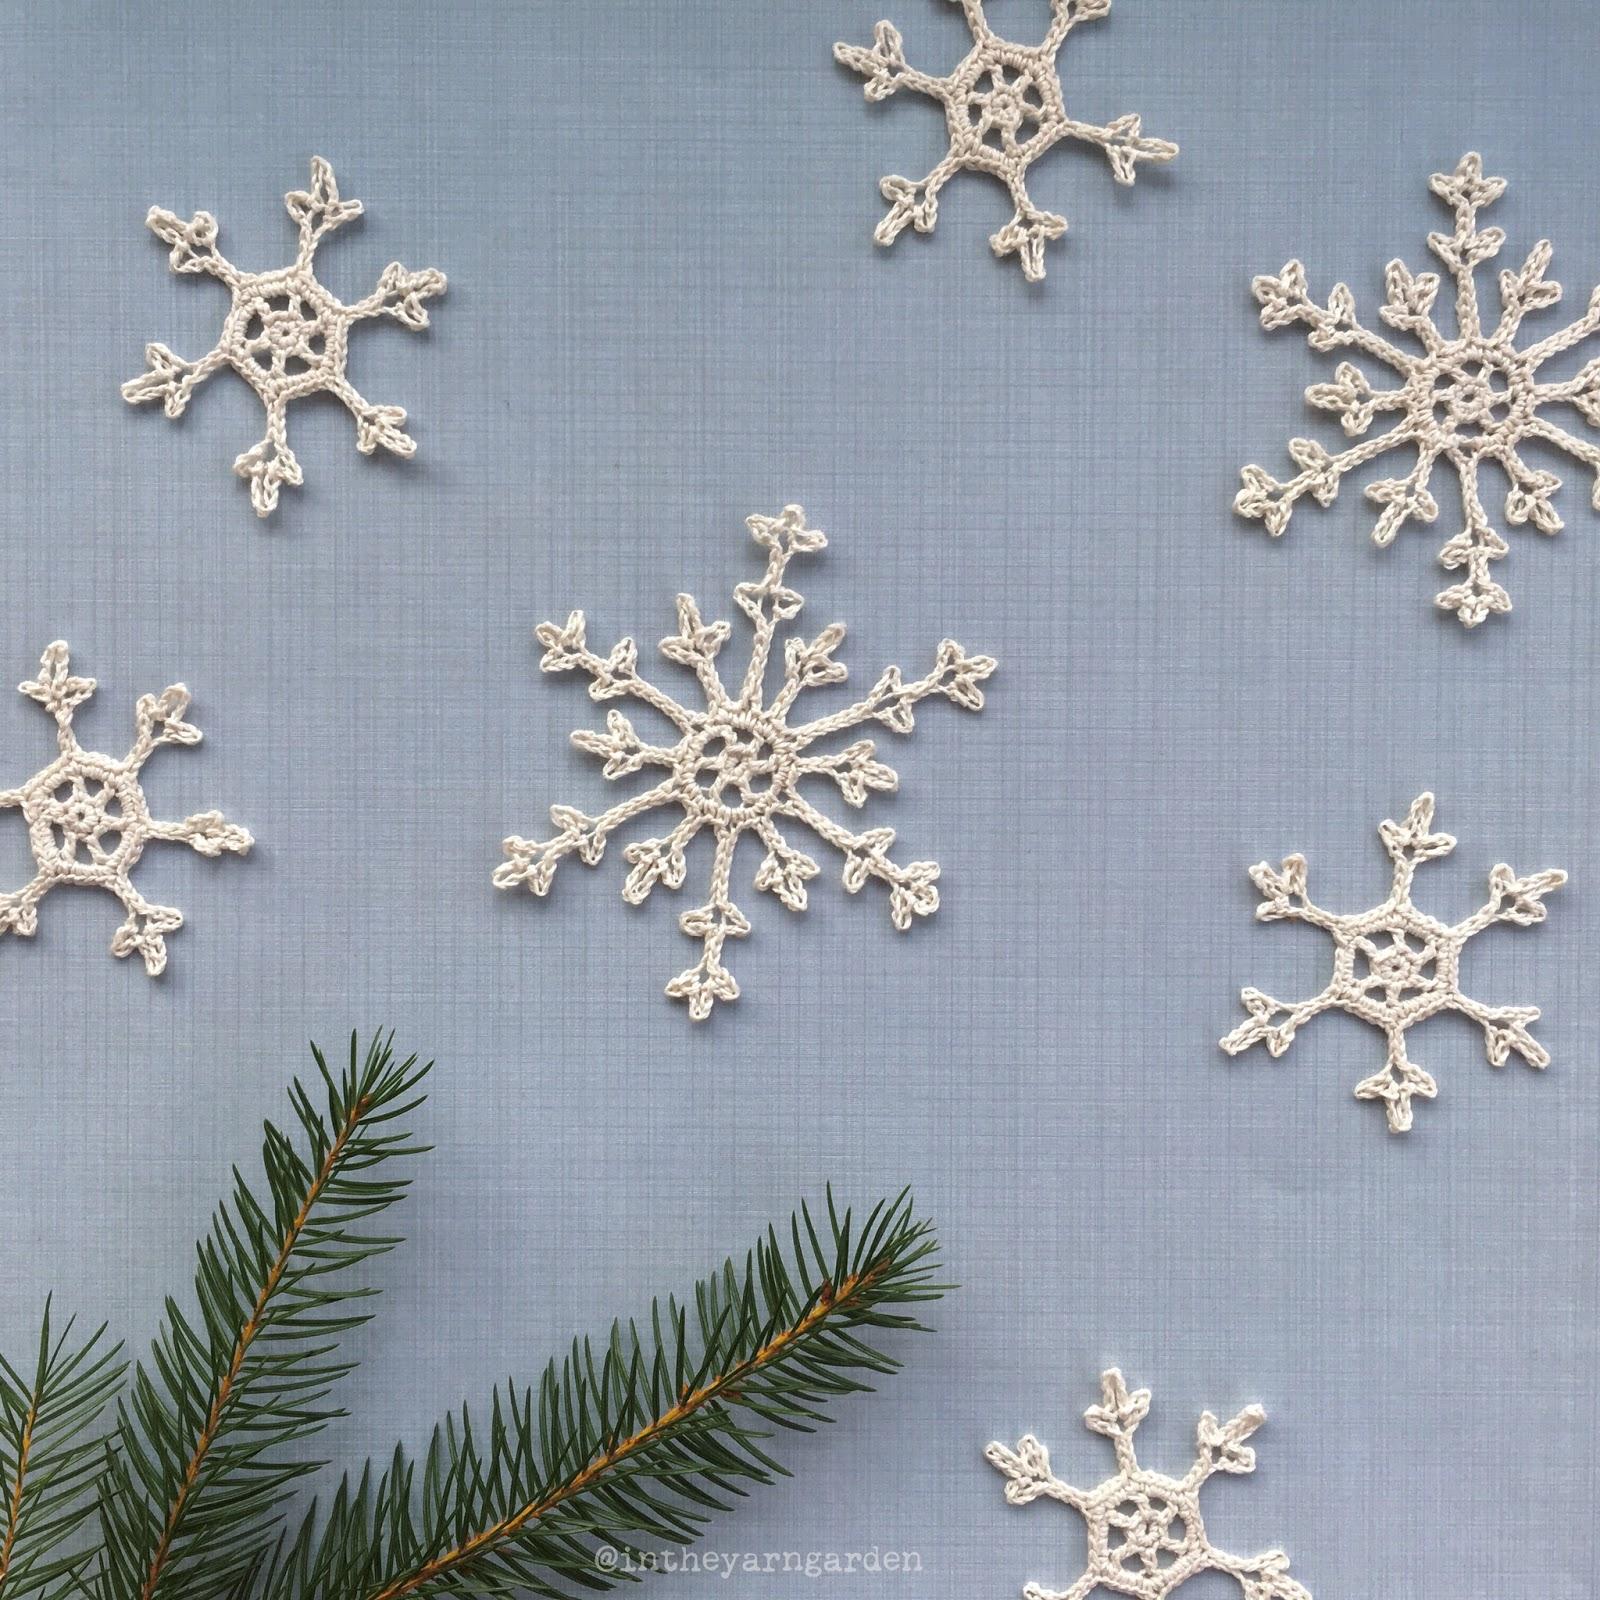 virka snöflingor mönster